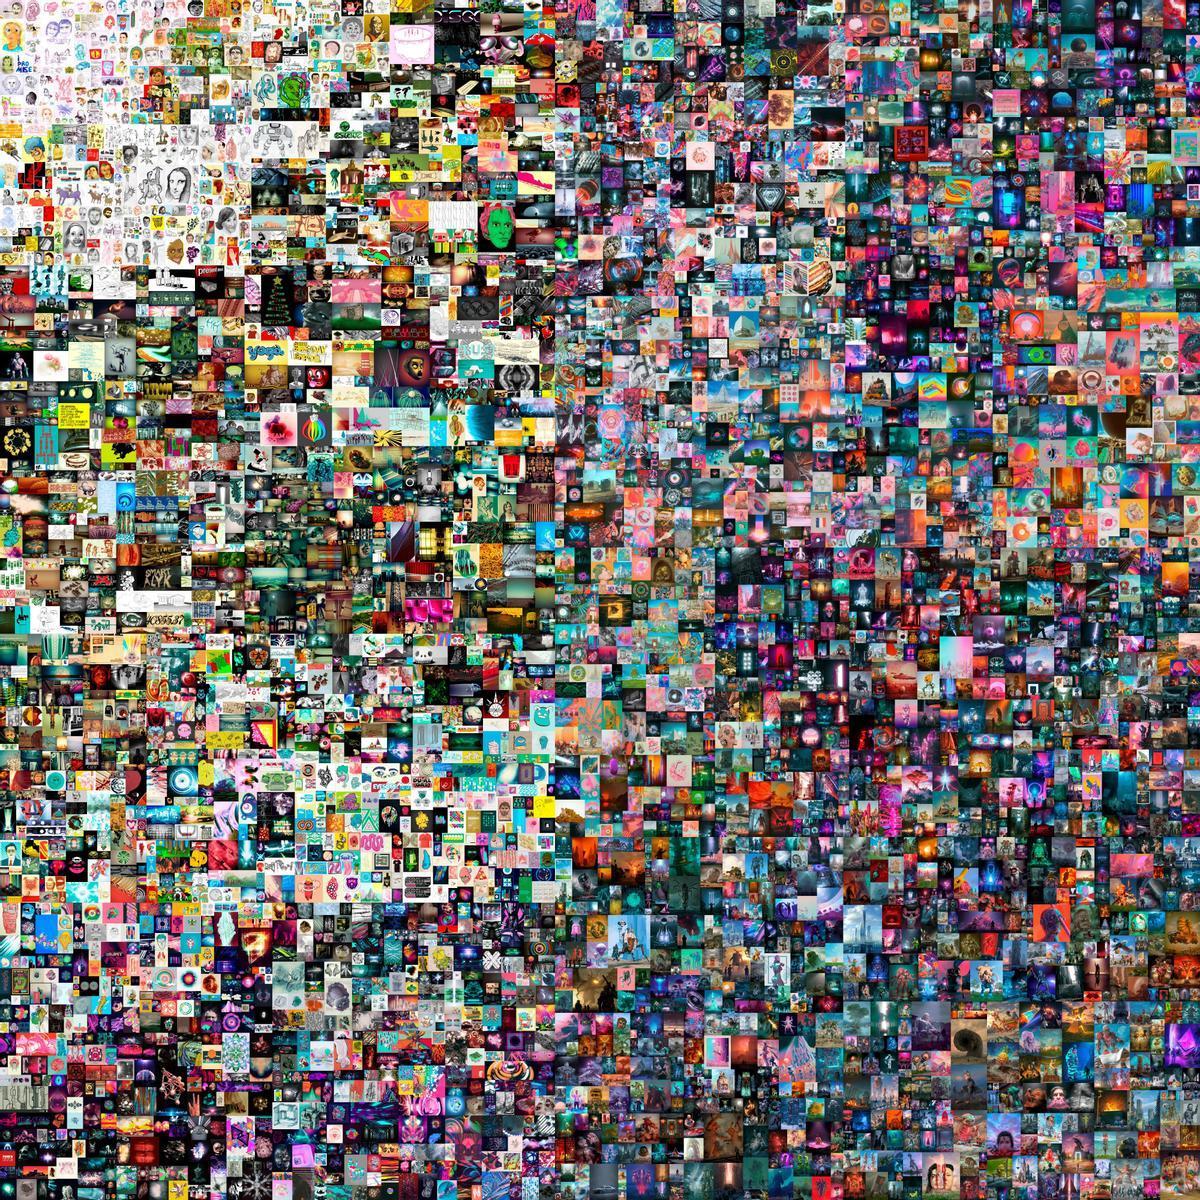 El collage de Beeple vendido por 69 millones de dólares en Christie's